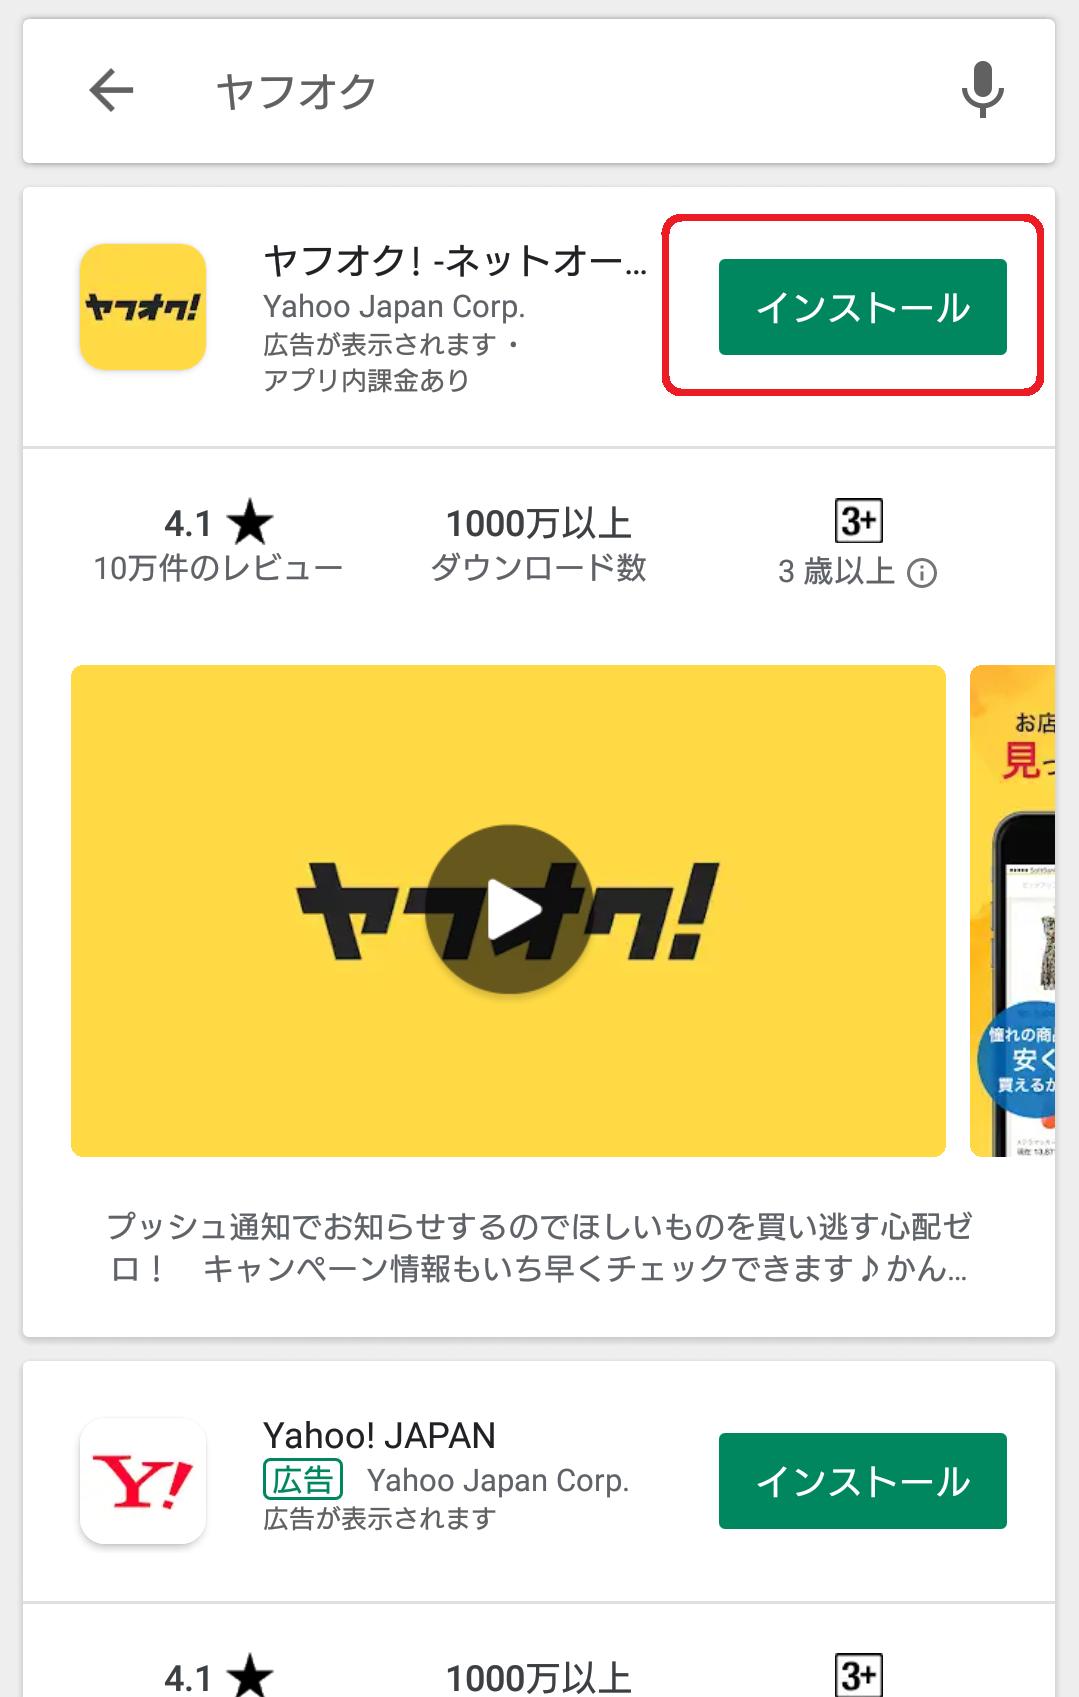 ヤフオク アプリ